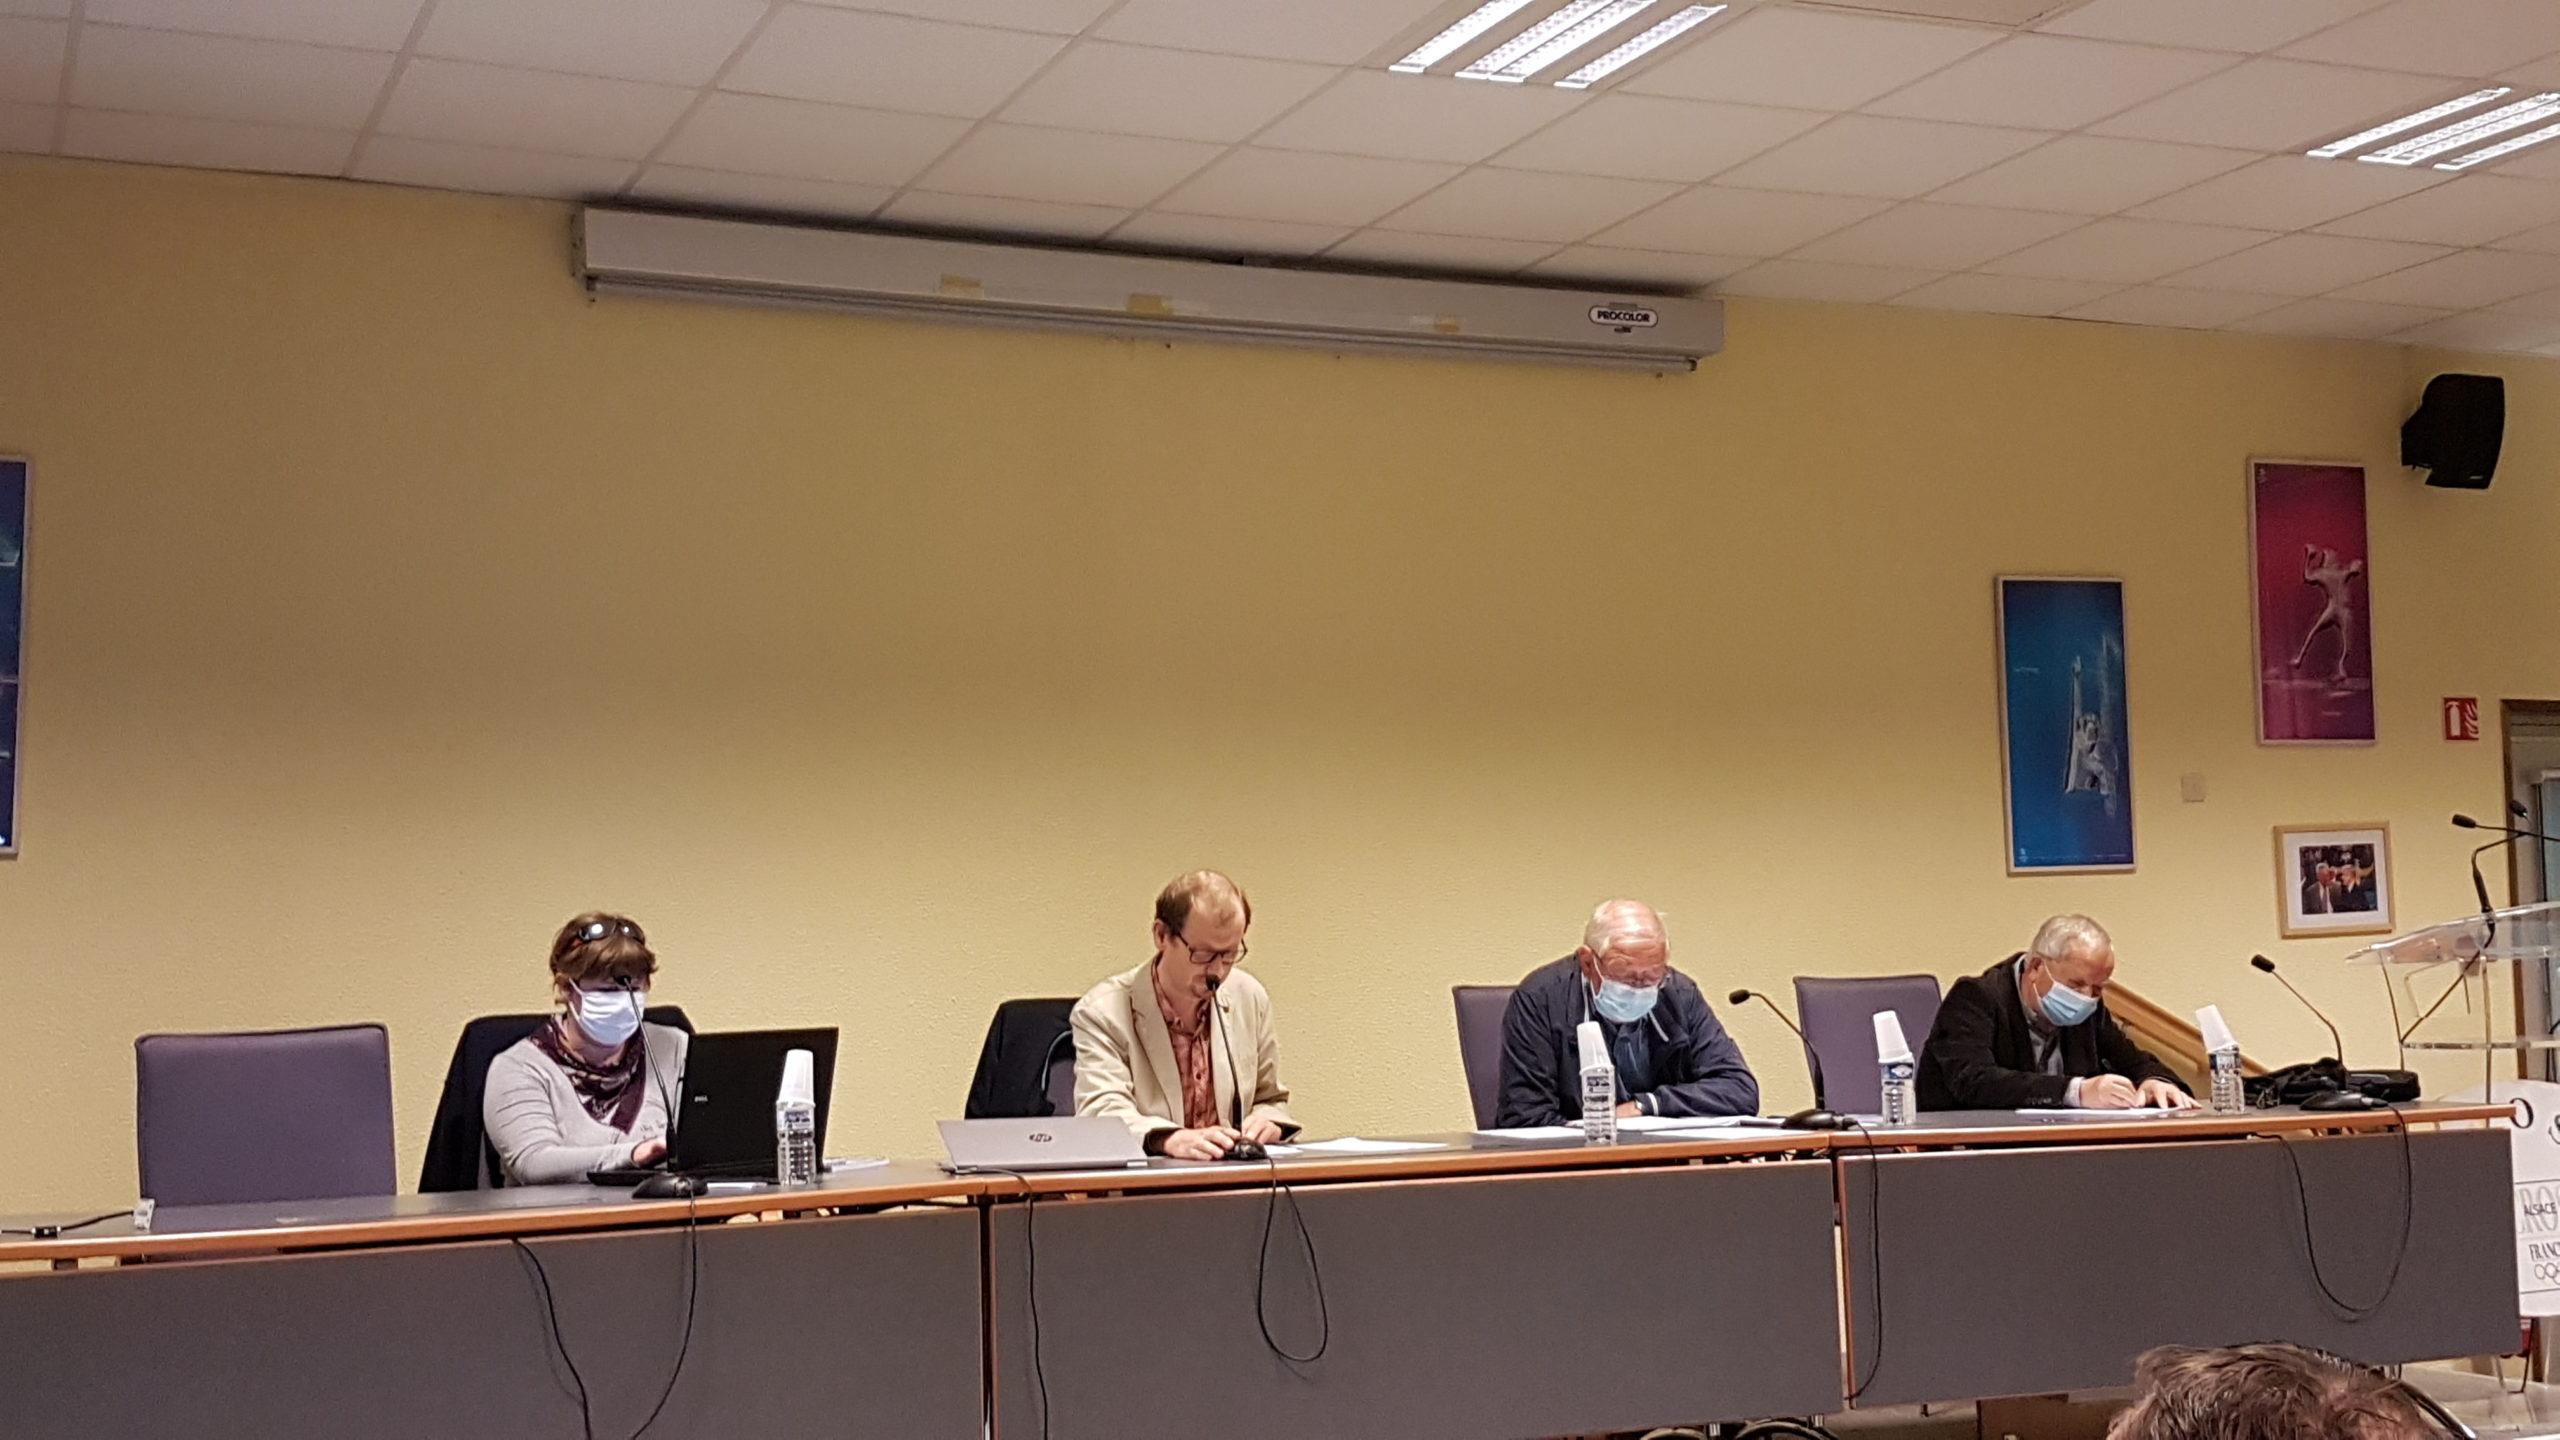 Rapport de l'assemblée générale du comité 67 de TT du 1 Octobre 2021.